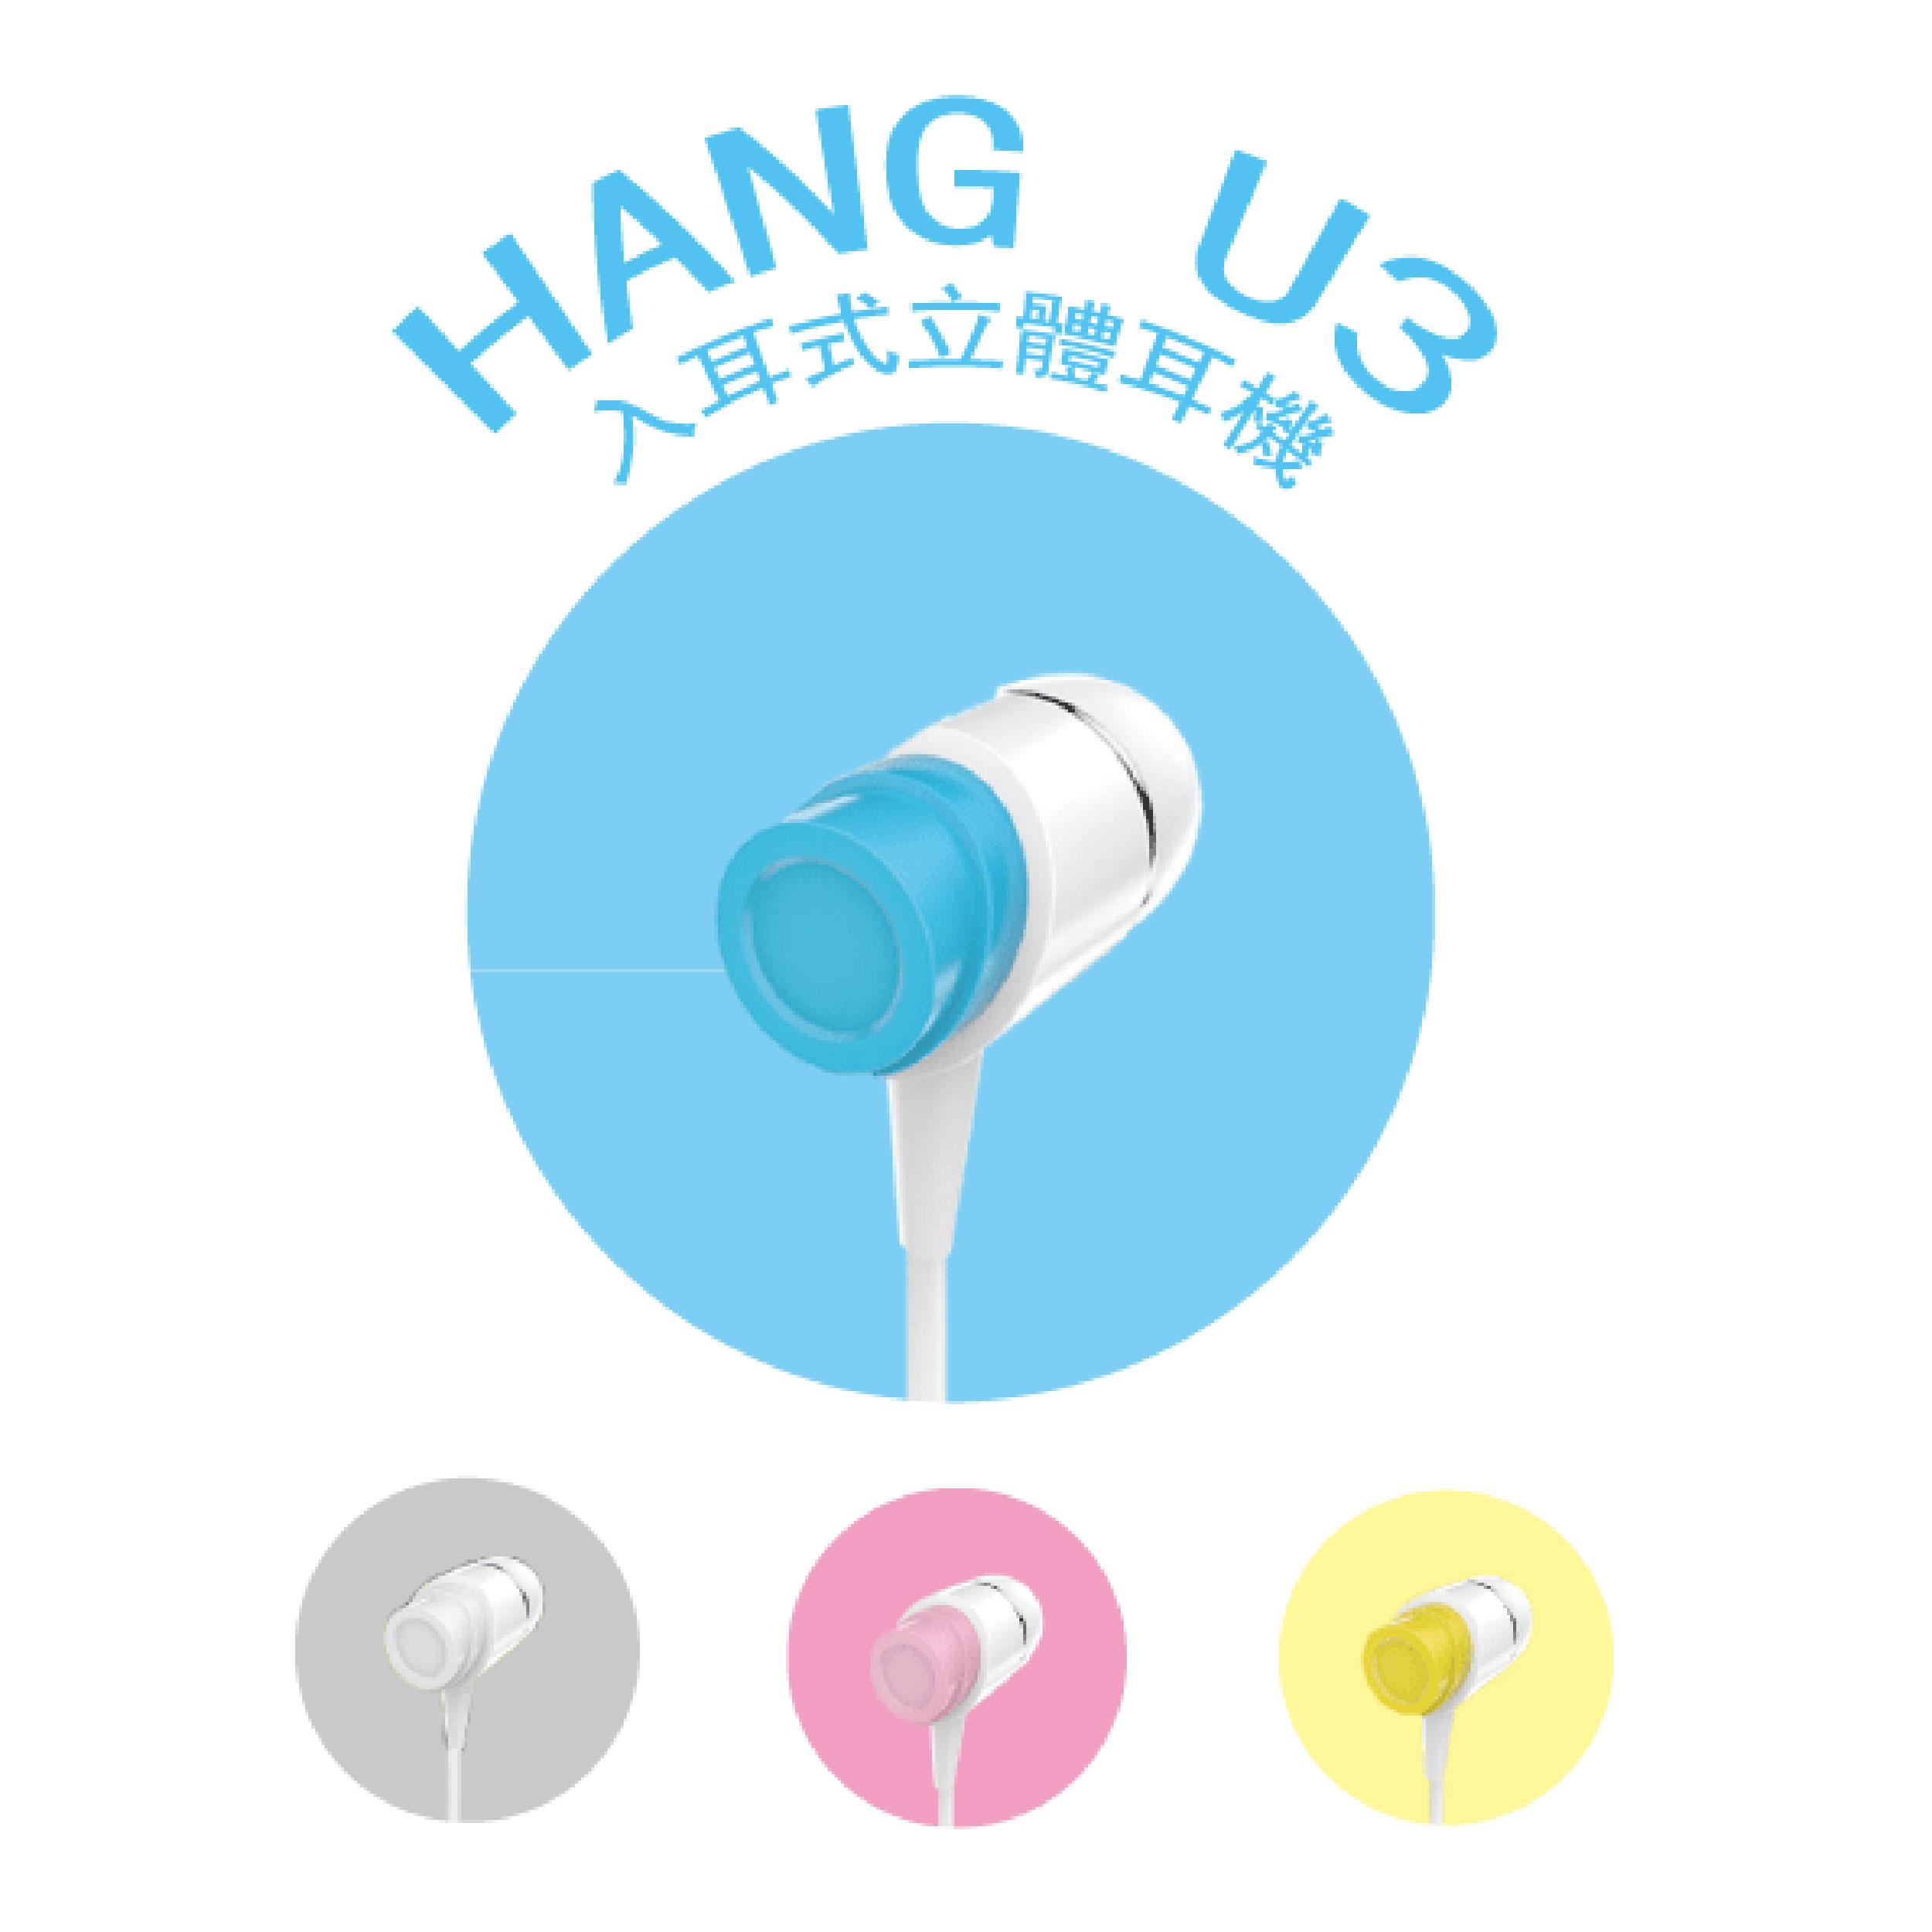 HANG U3 純色系 立體聲耳機 鍍金高品質 完美音質 線控耳機